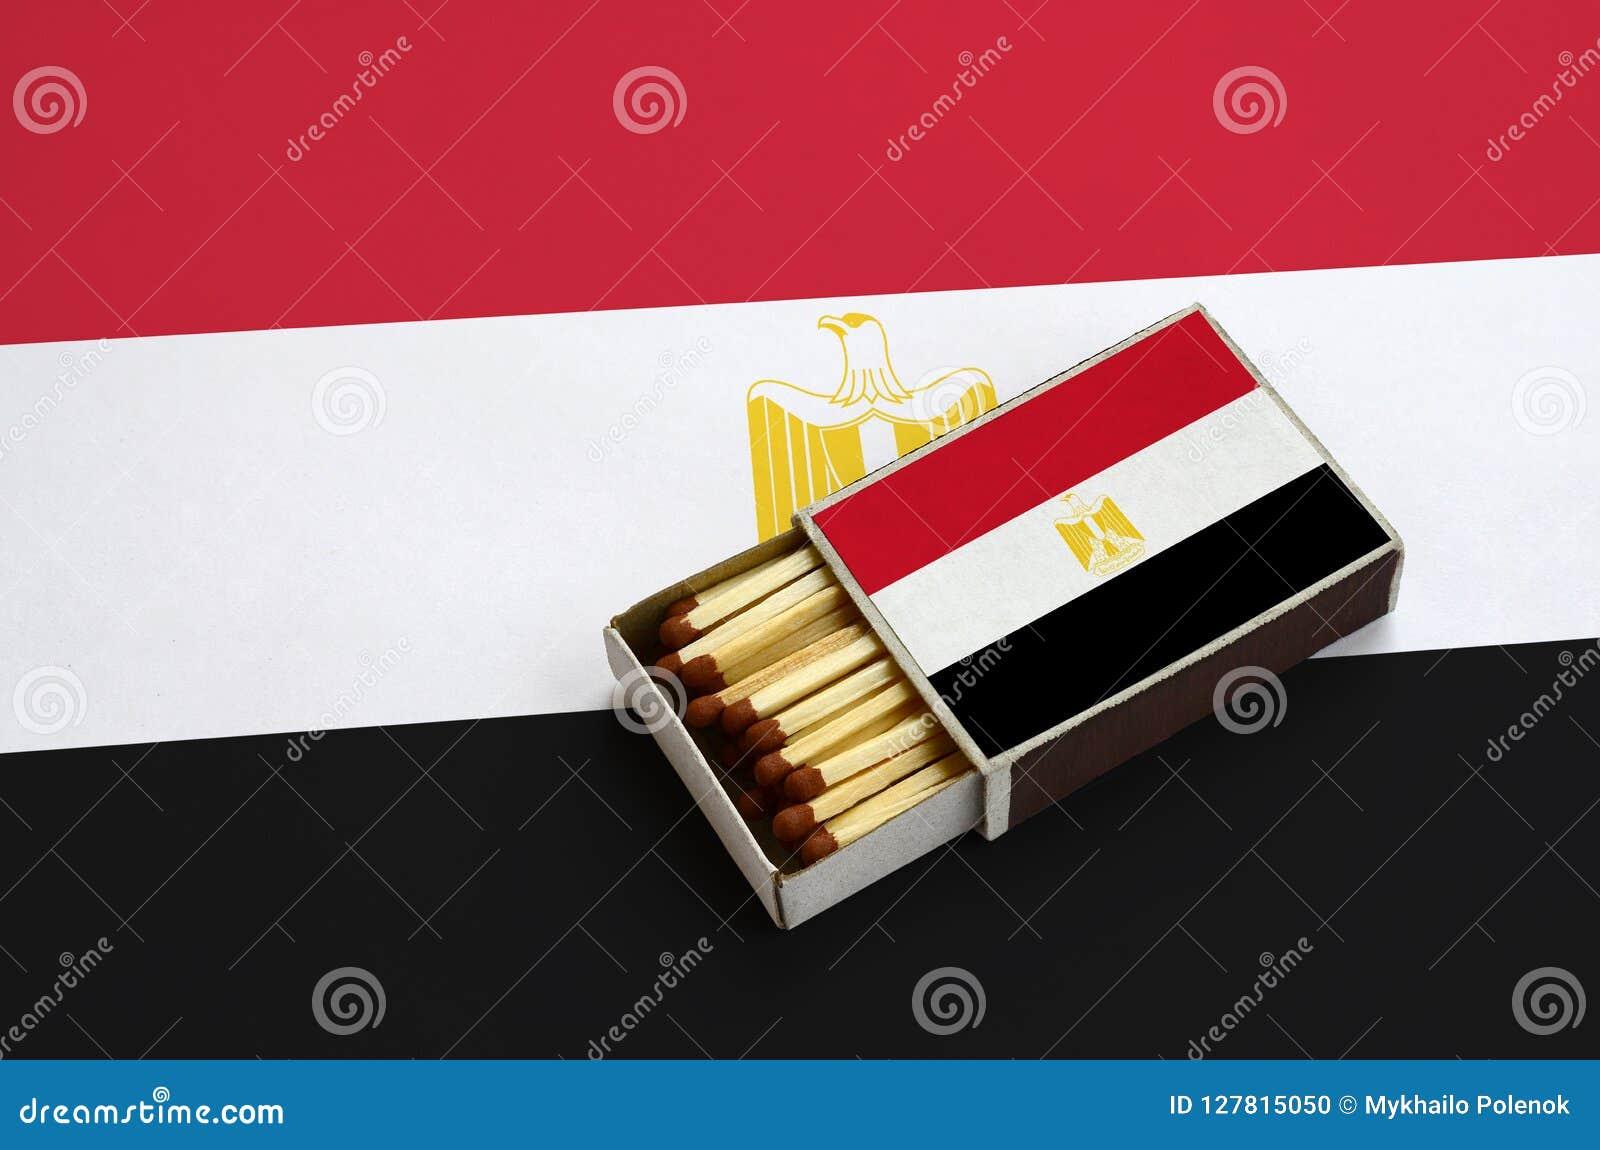 Η σημαία της Αιγύπτου παρουσιάζεται σε ένα ανοικτό σπιρτόκουτο, το οποίο γεμίζουν με τις αντιστοιχίες και βρίσκεται σε μια μεγάλη